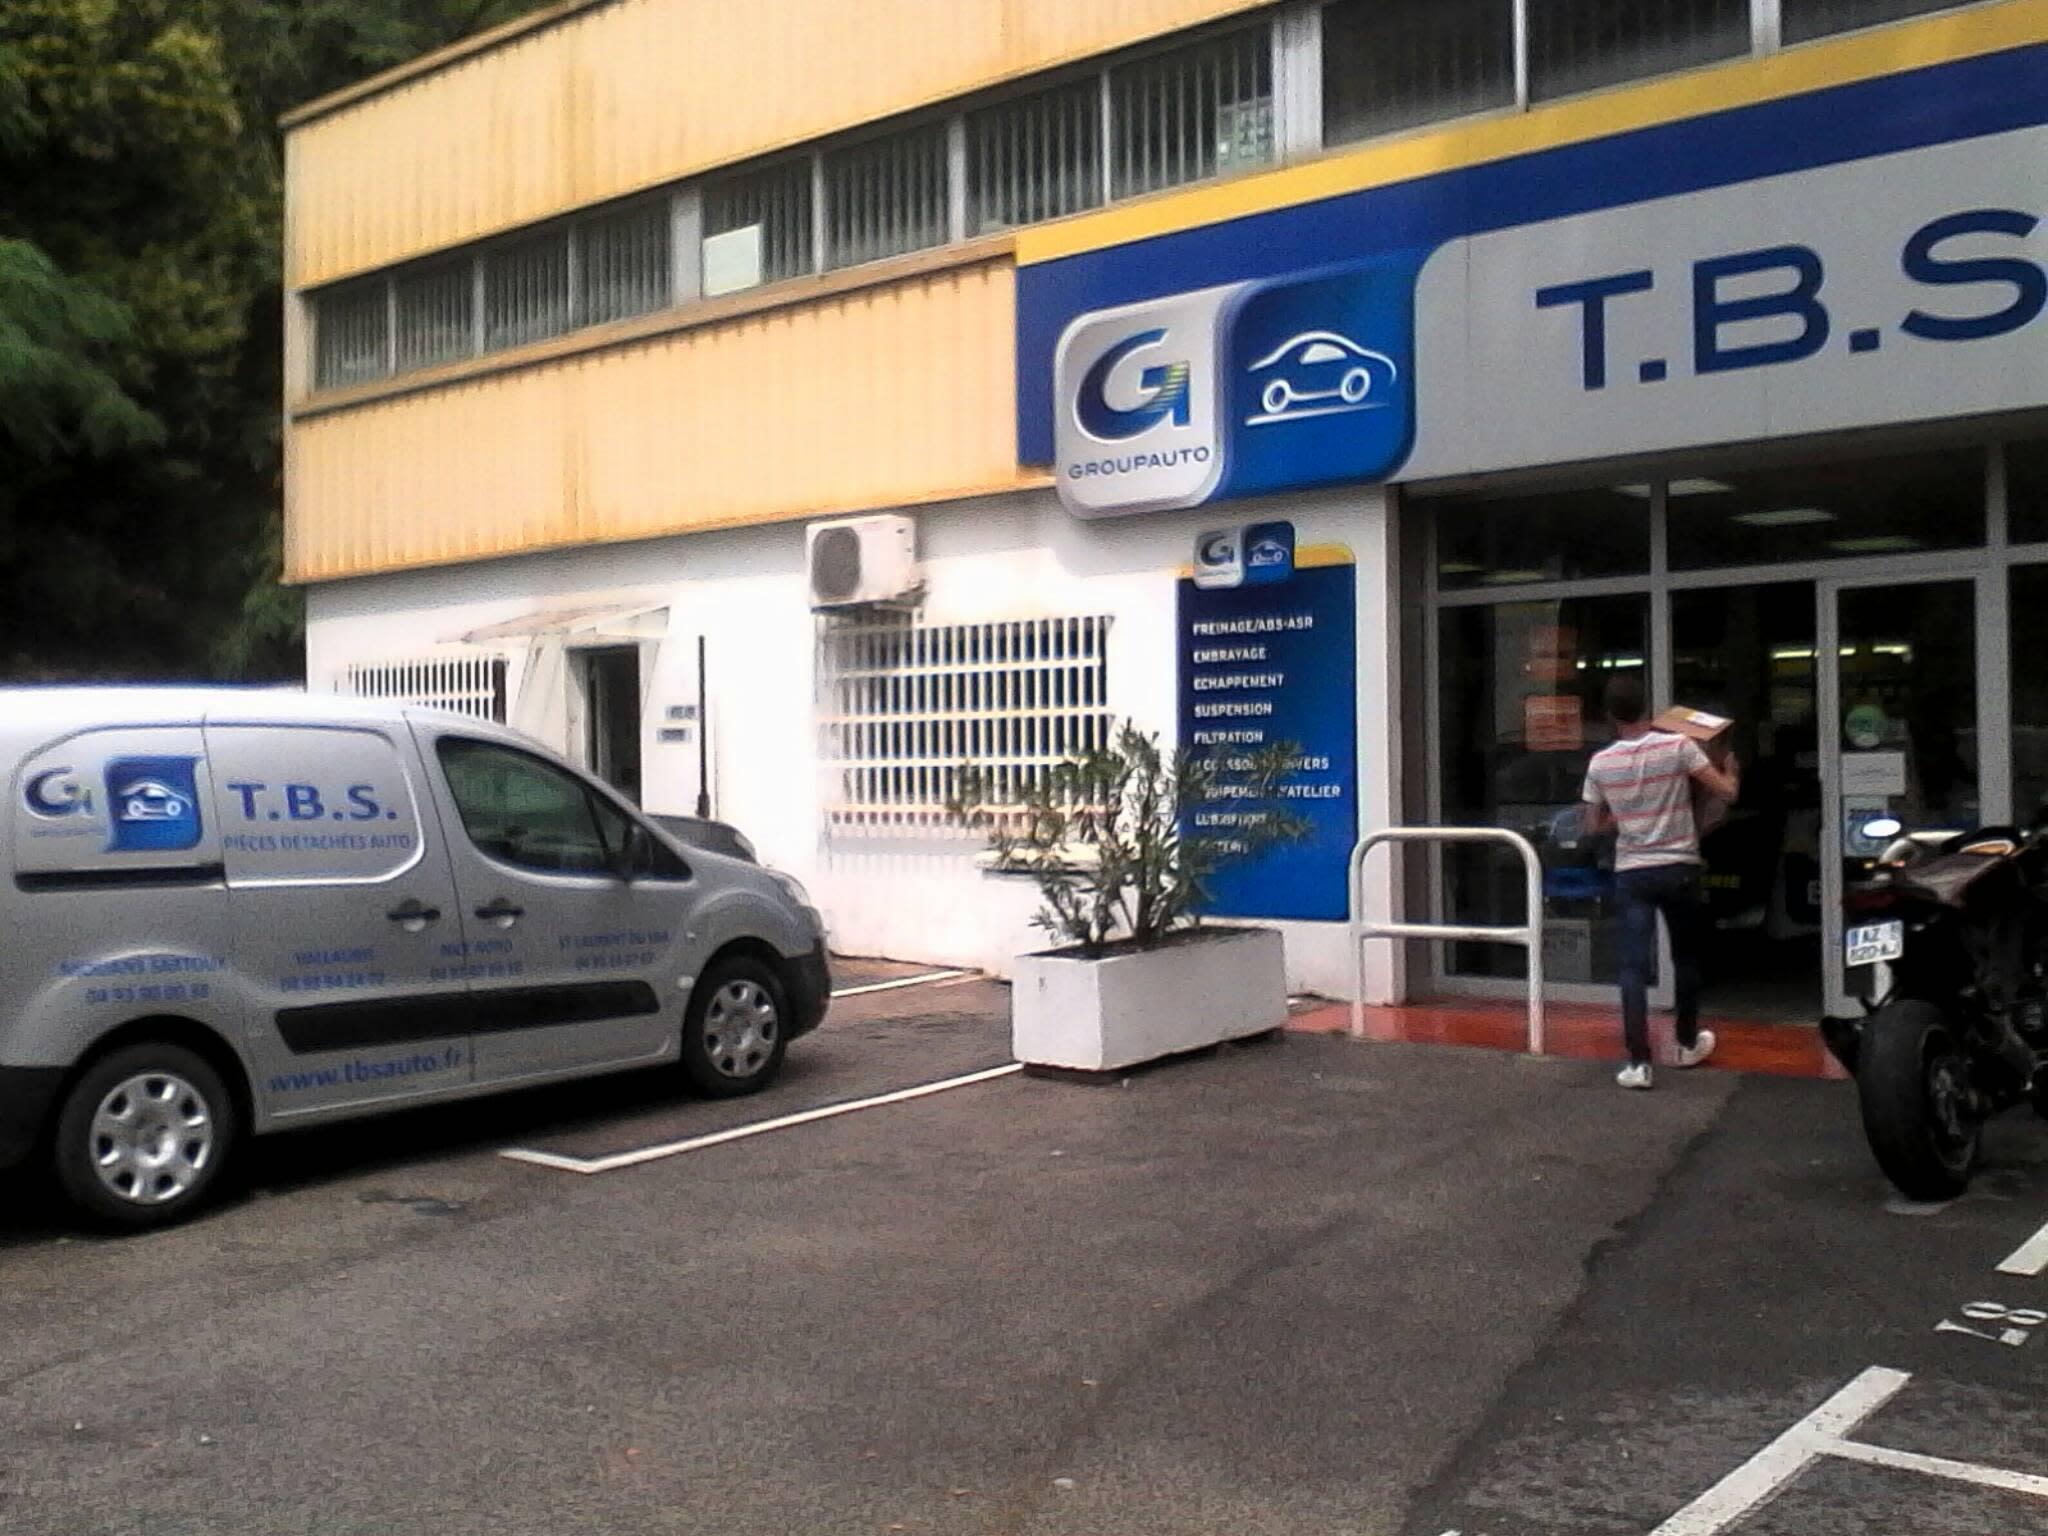 T.b.s. Groupauto Saint Laurent Du Var Saint Laurent Du Var